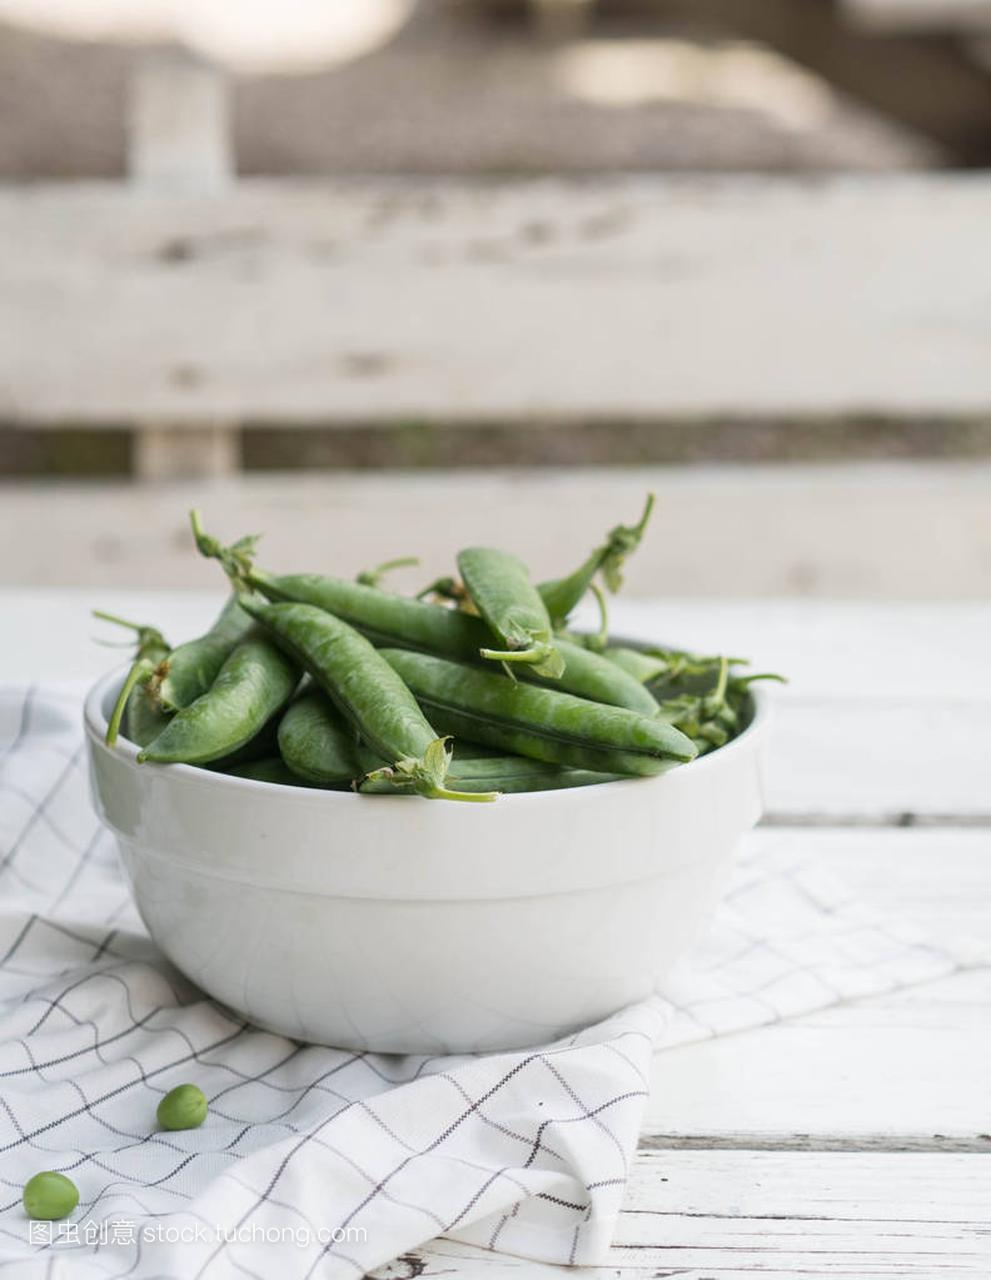 白色碗中的有机绿色豆荚豌豆在一张老白木桌上2018短v白色发型图片图片